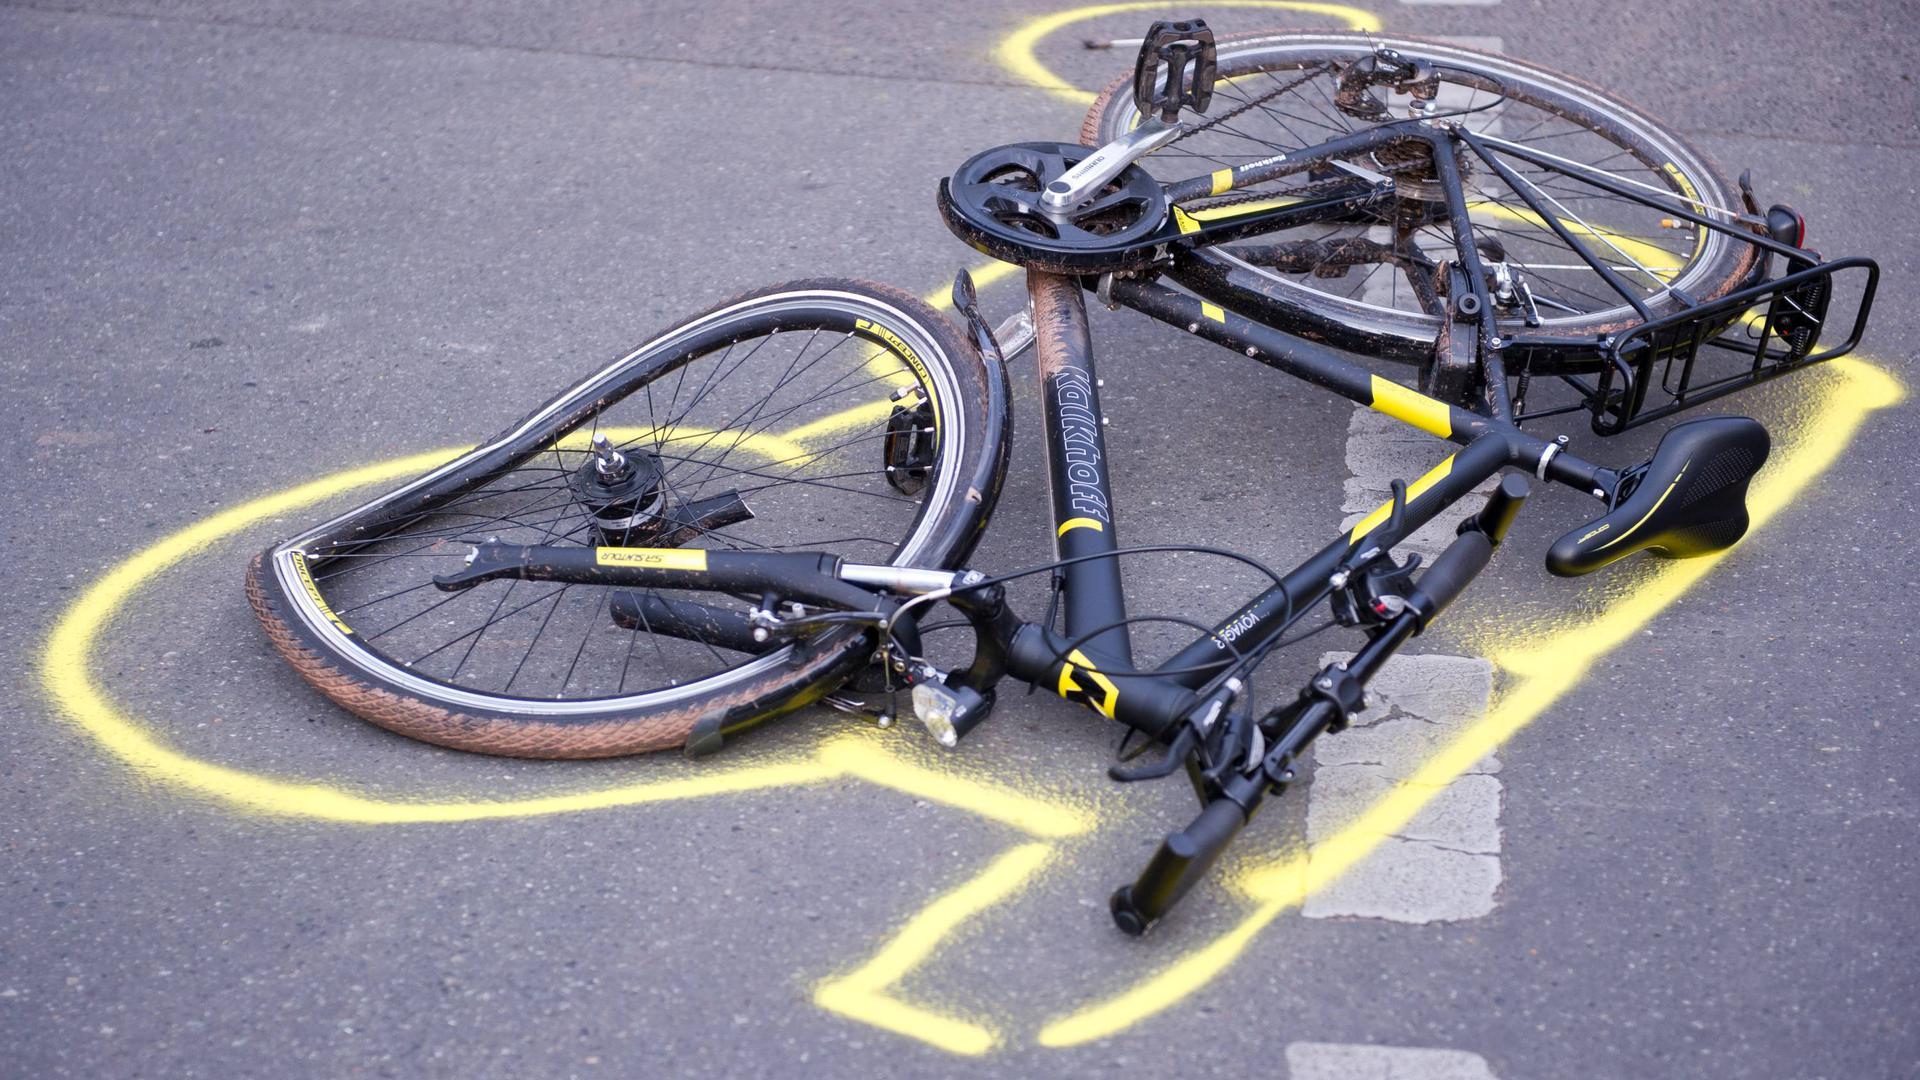 ARCHIV - 13.11.2013, Berlin: Ein zerstörtes Fahrrad liegt nach einem Unfall auf der Straße. Foto: Daniel Naupold/dpa +++ dpa-Bildfunk +++ | Verwendung weltweit